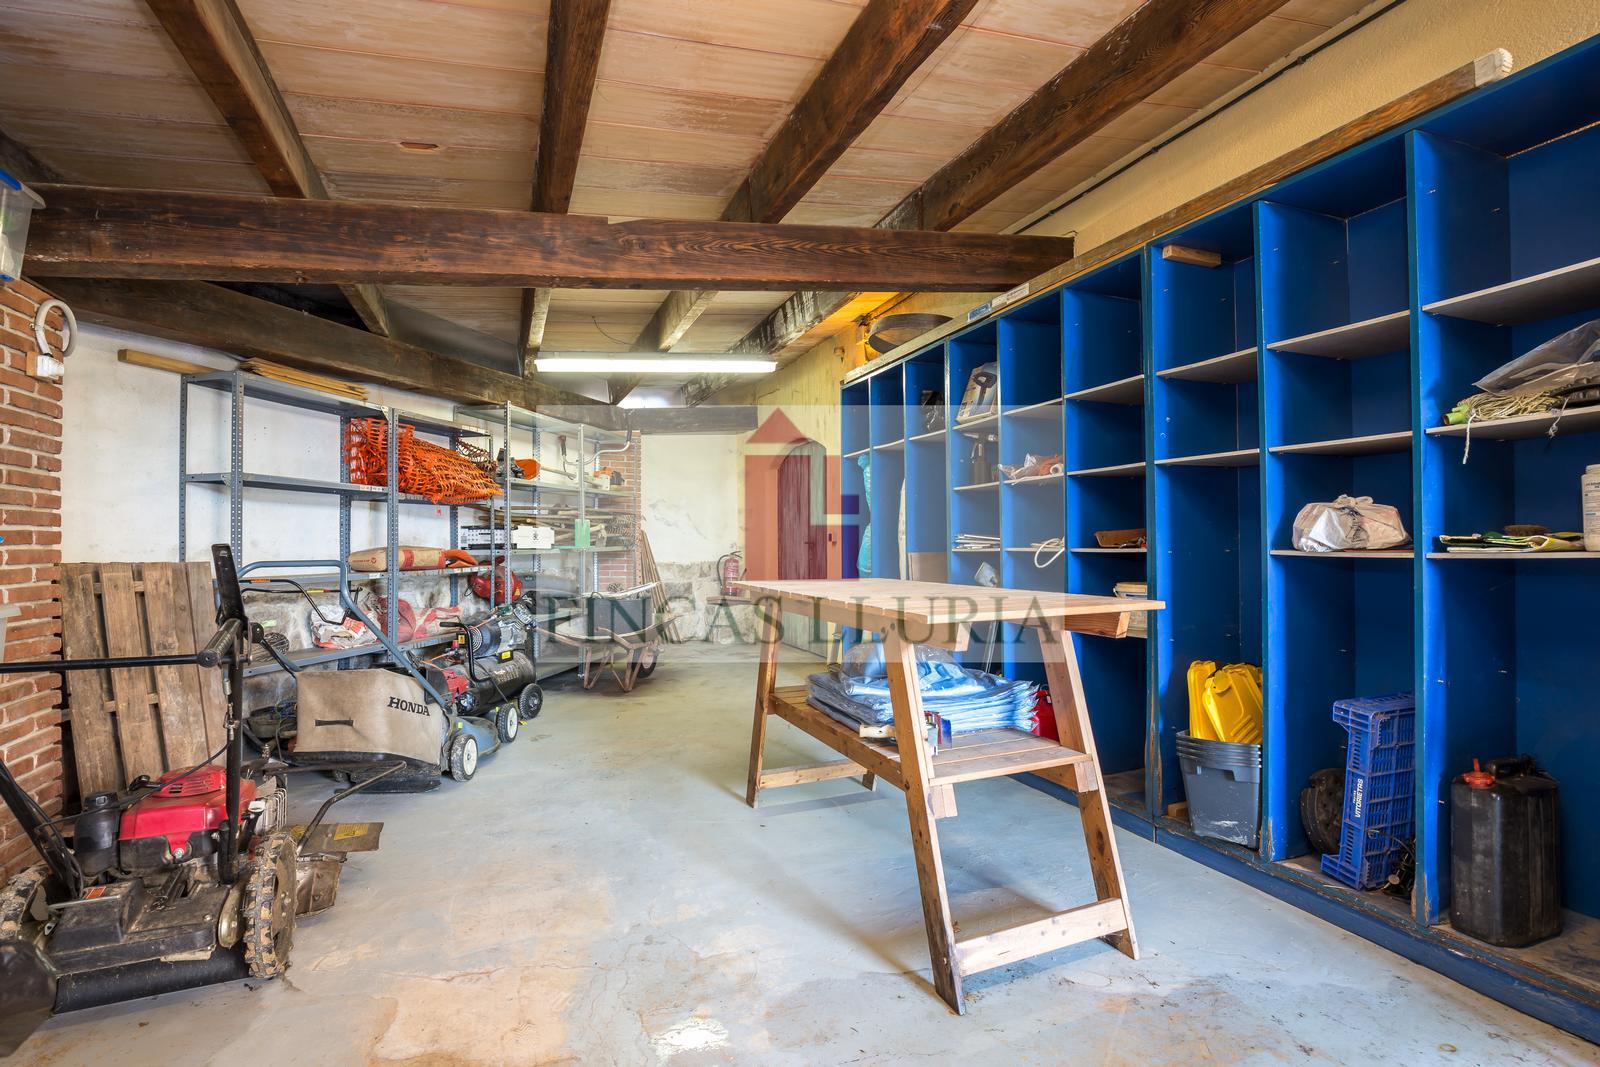 Ref.: 31241 - CONJUNT DE CONSTRUCCIÓ: MASIA, CASA I BANYS